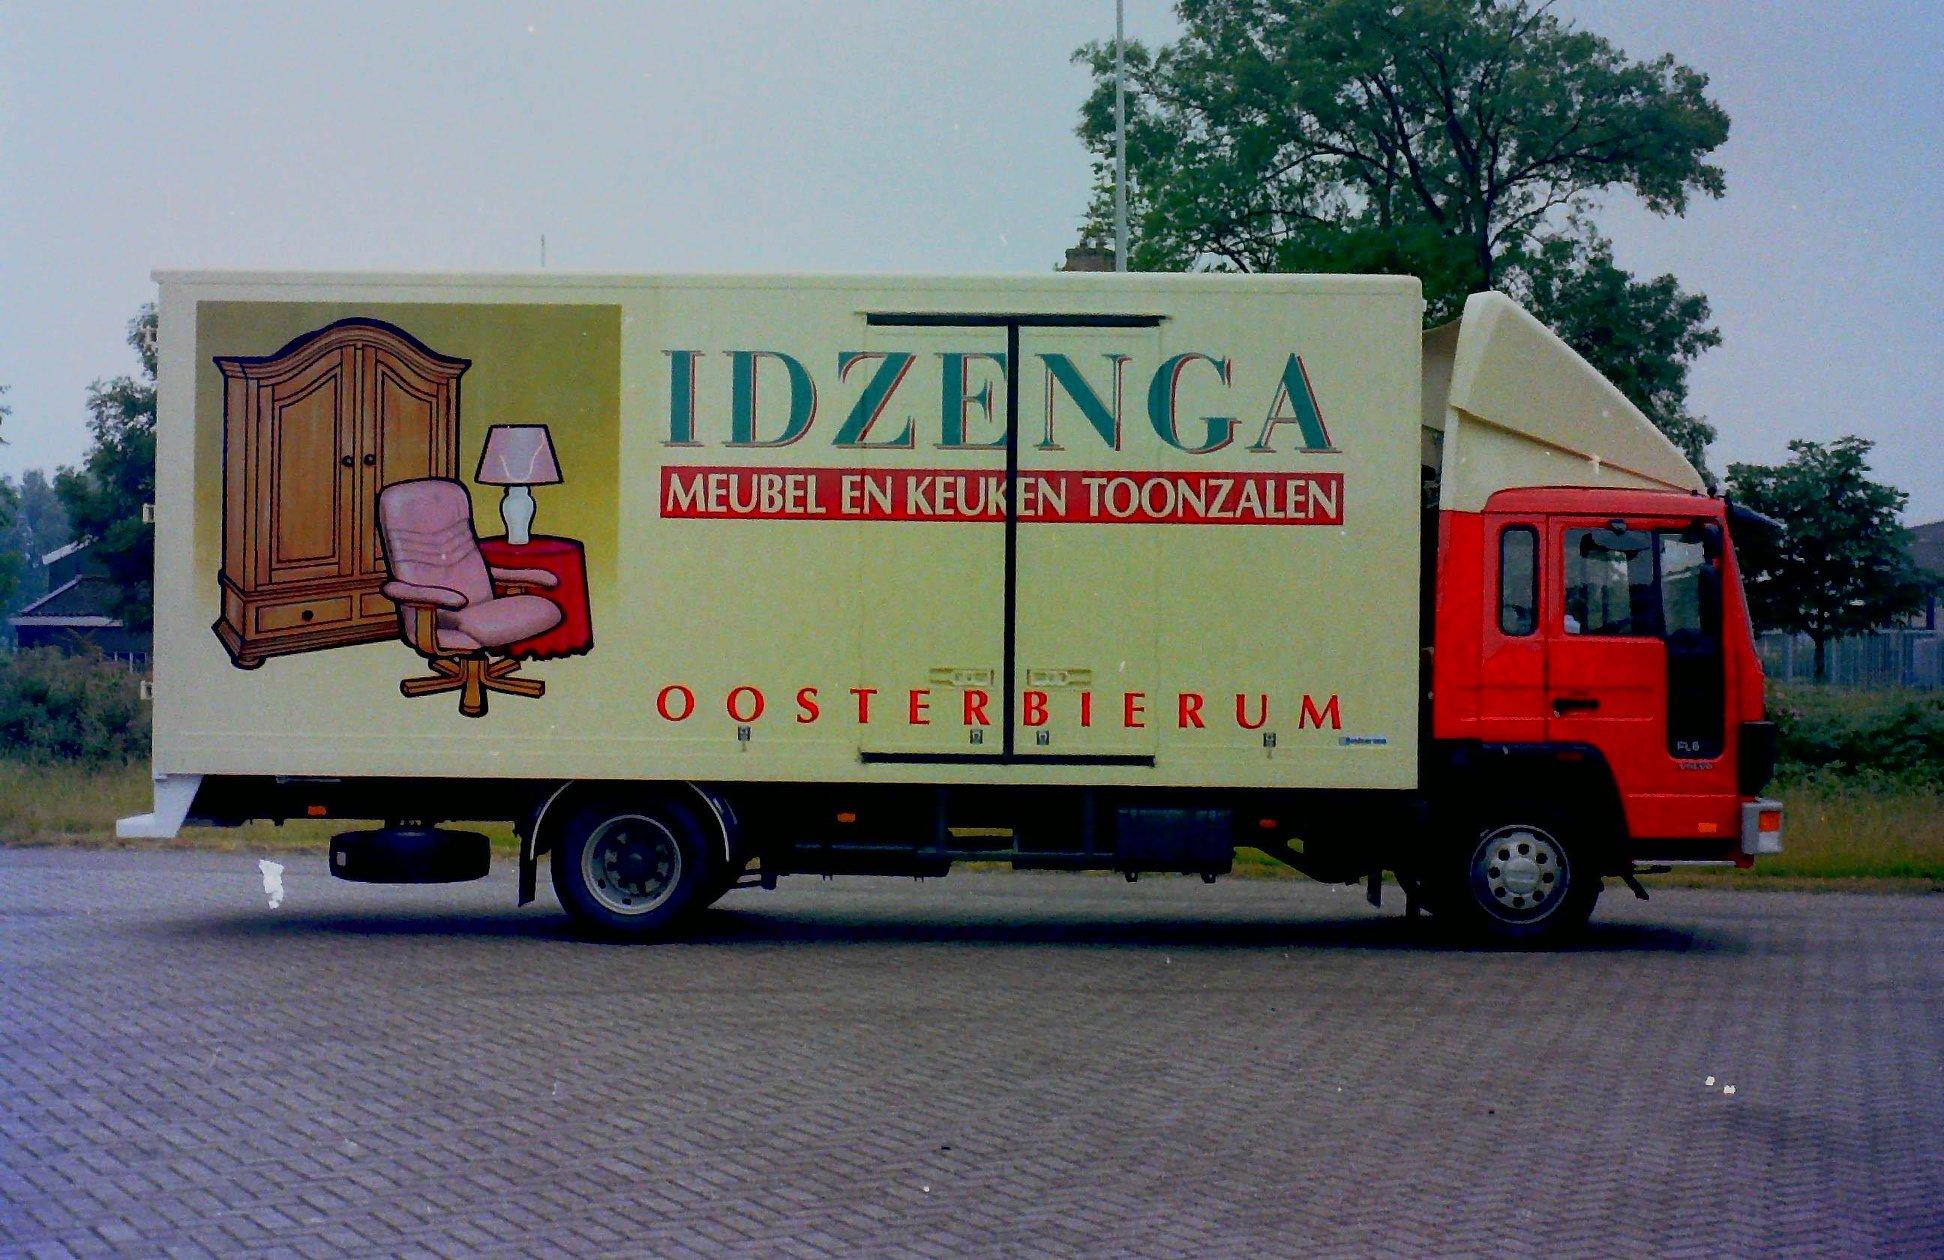 Deze-auto-is-opgebouwd-voor-Meubelzaak-IDZENGA-uit-Oosterbierum-door-Rondaan-2